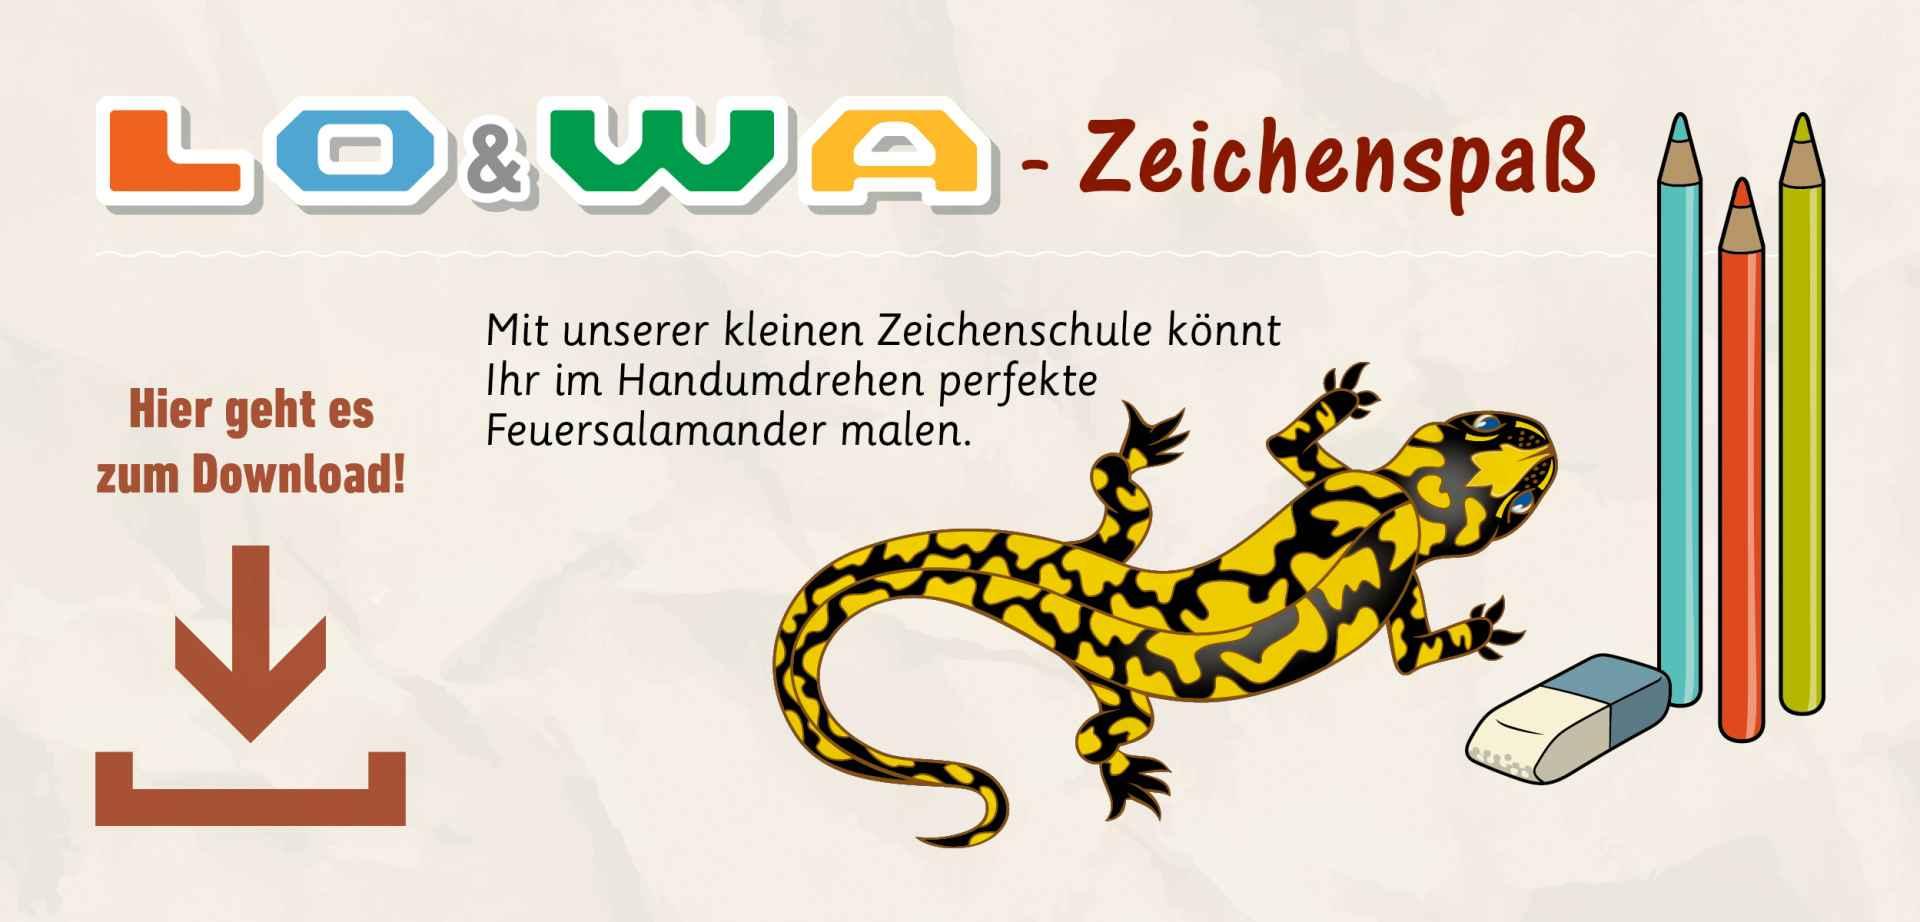 teaser_salamander_2020-2